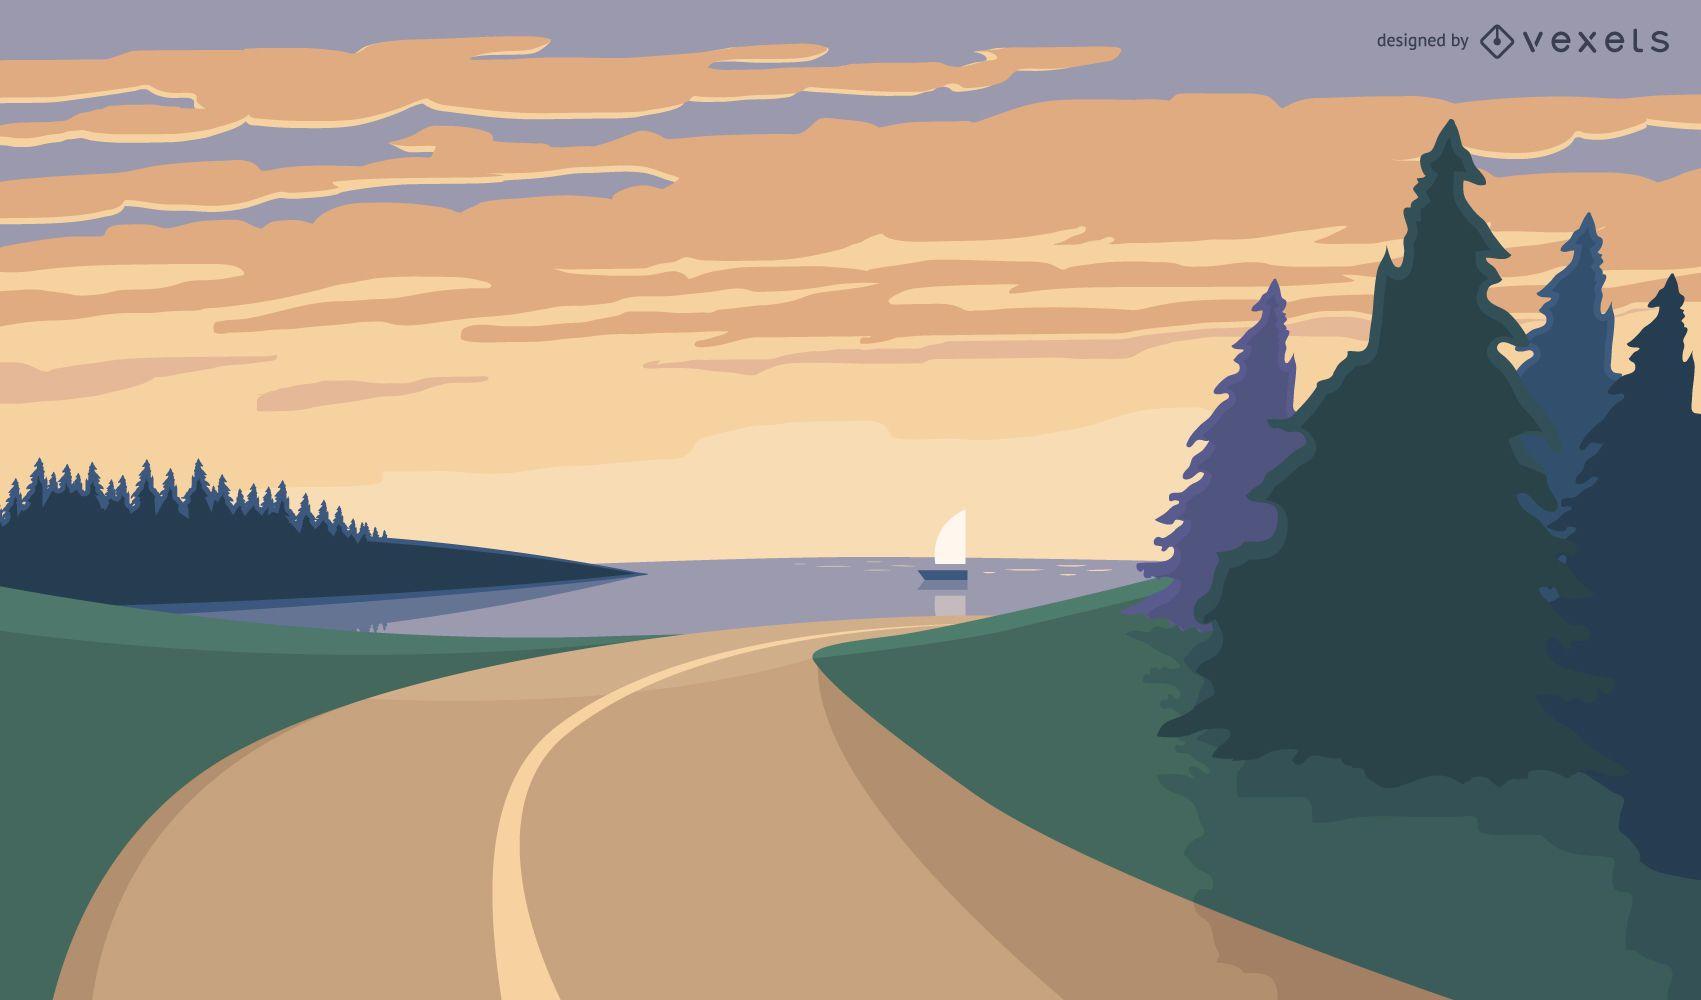 Road landscape illustration